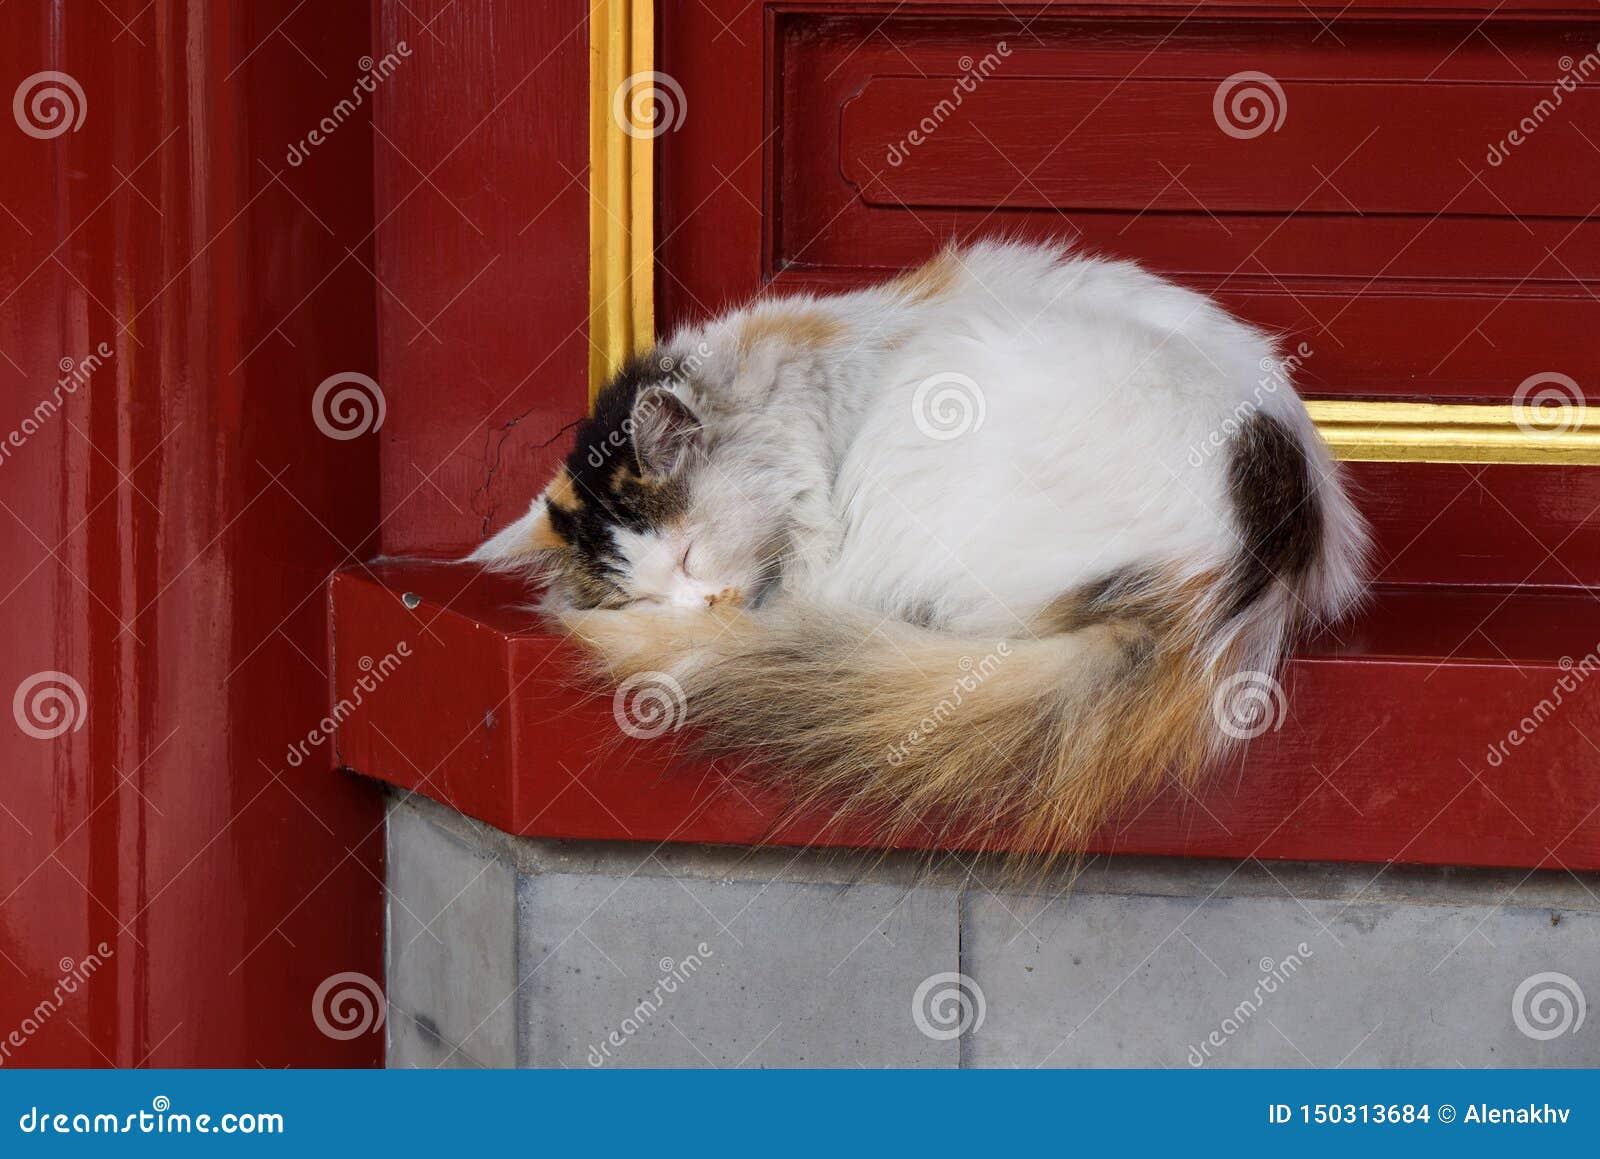 Um gato macio branco desabrigado sujo está dormindo contra uma parede vermelha com um ornamento dourado